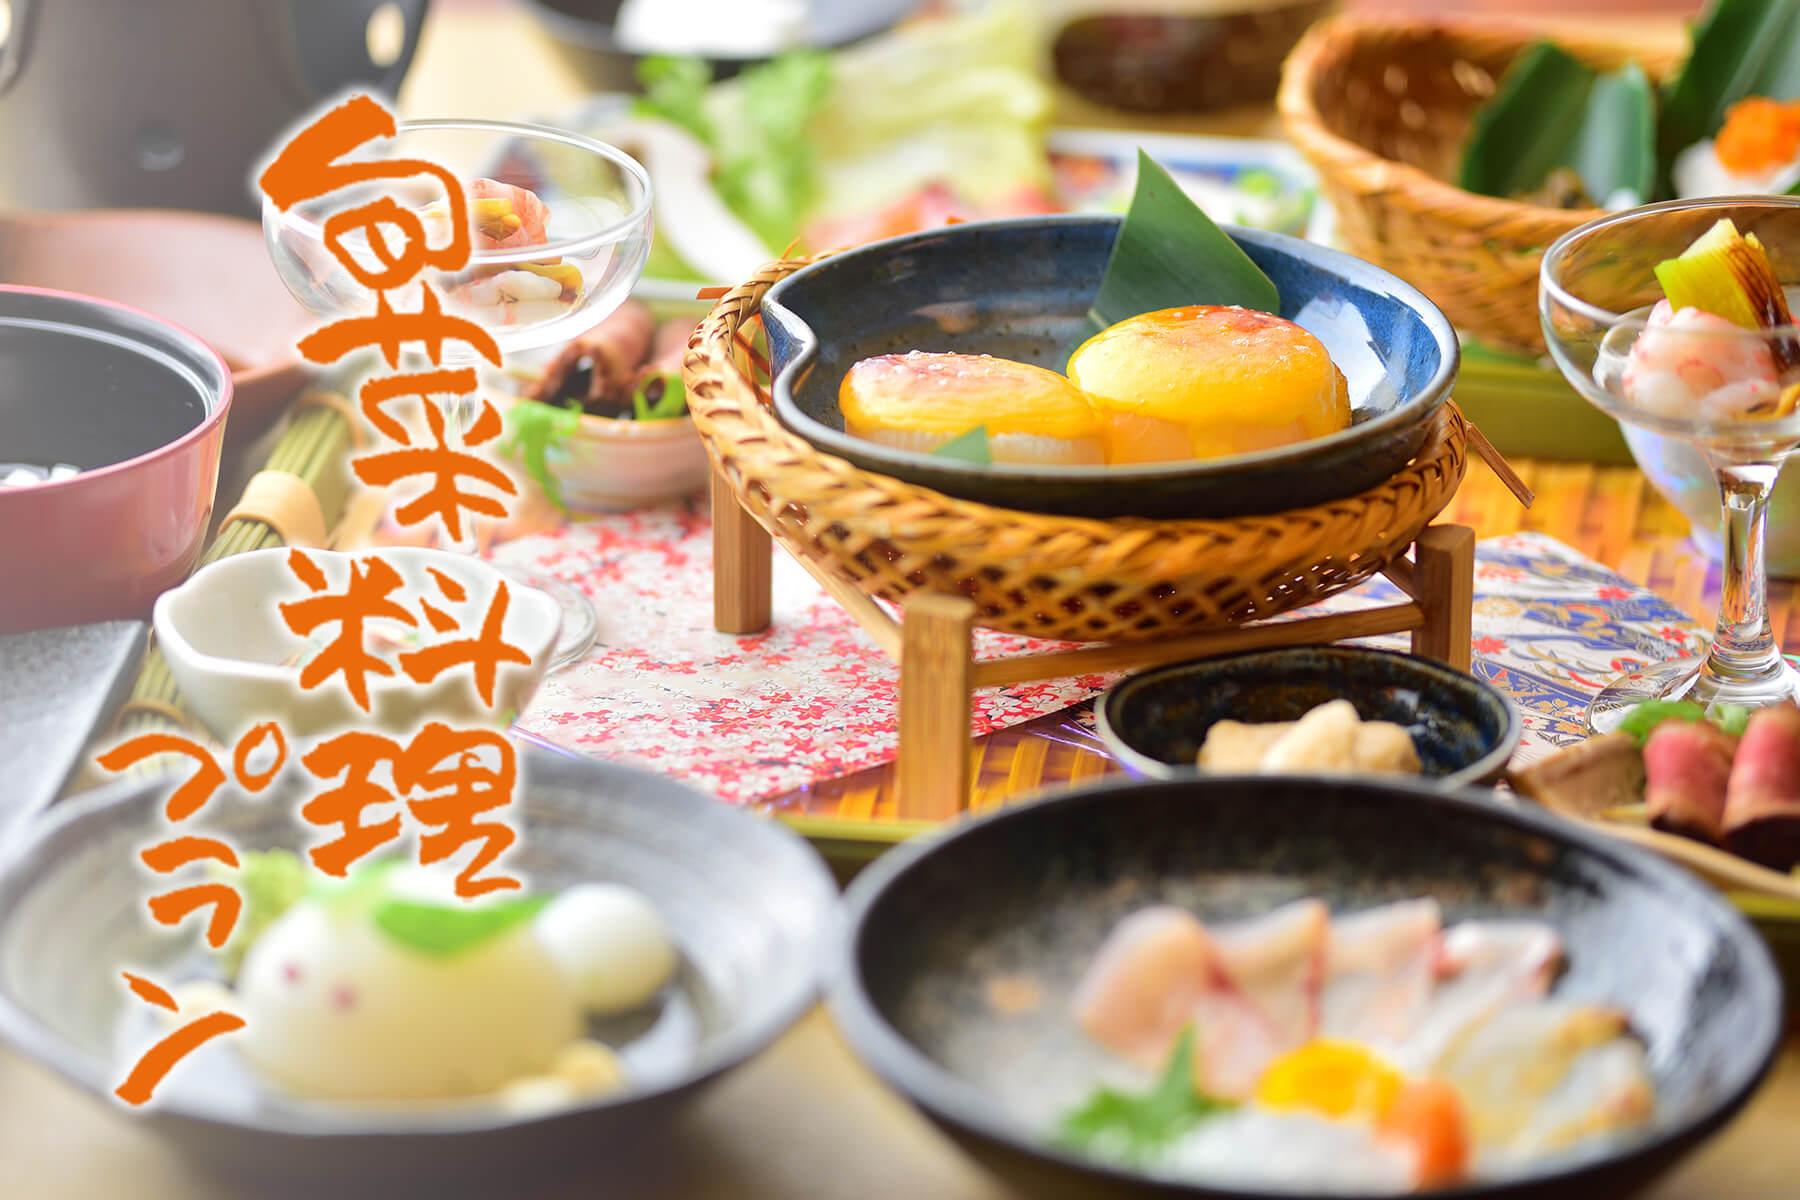 〈スタンダード 旬菜料理プラン 2020冬〉地元妙高の高原野菜、地場産の山菜を堪能!